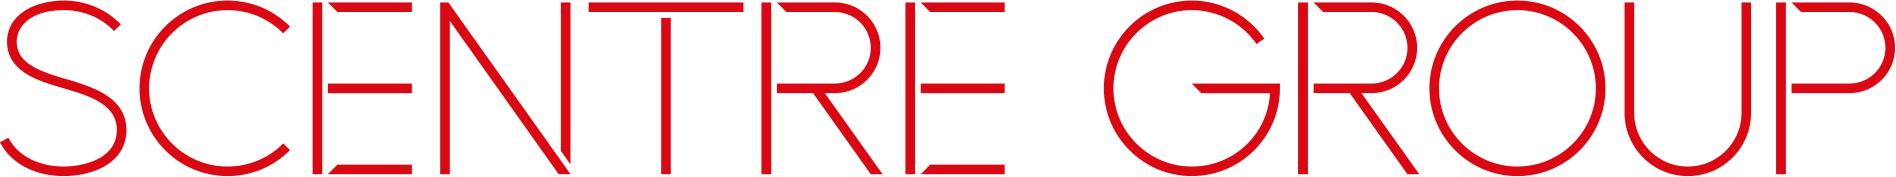 Scentre Group (ASX:SCG) Company Logo